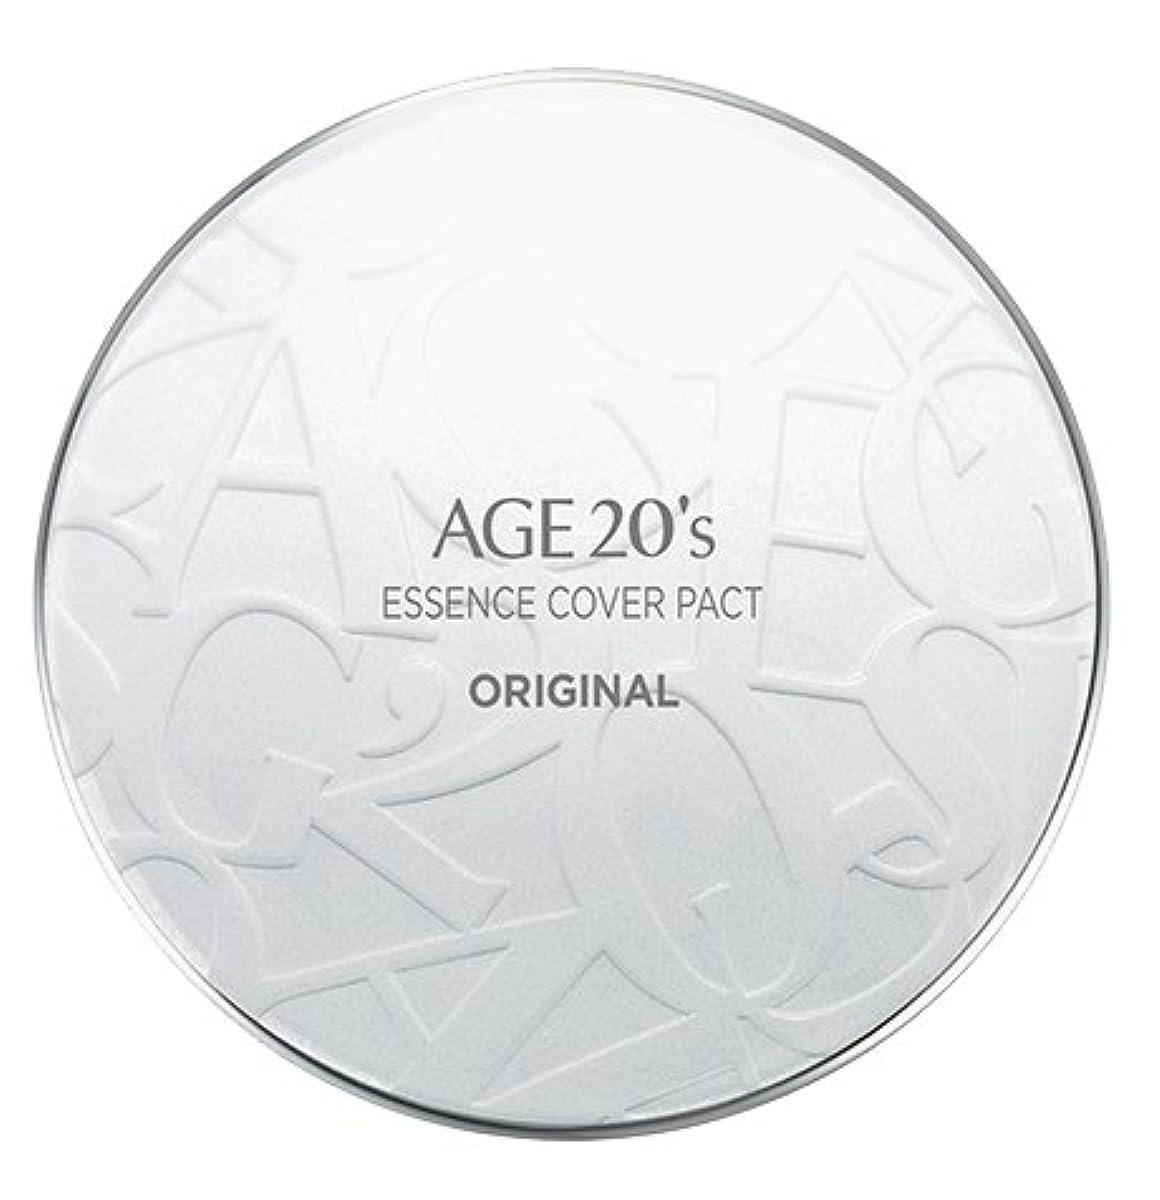 の頭の上著名なアクセルAGE 20's Essence Cover Pact Original [White Latte] 12.5g + Refill 12.5g (#21)/エイジ 20's エッセンス カバー パクト オリジナル [ホワイトラテ...